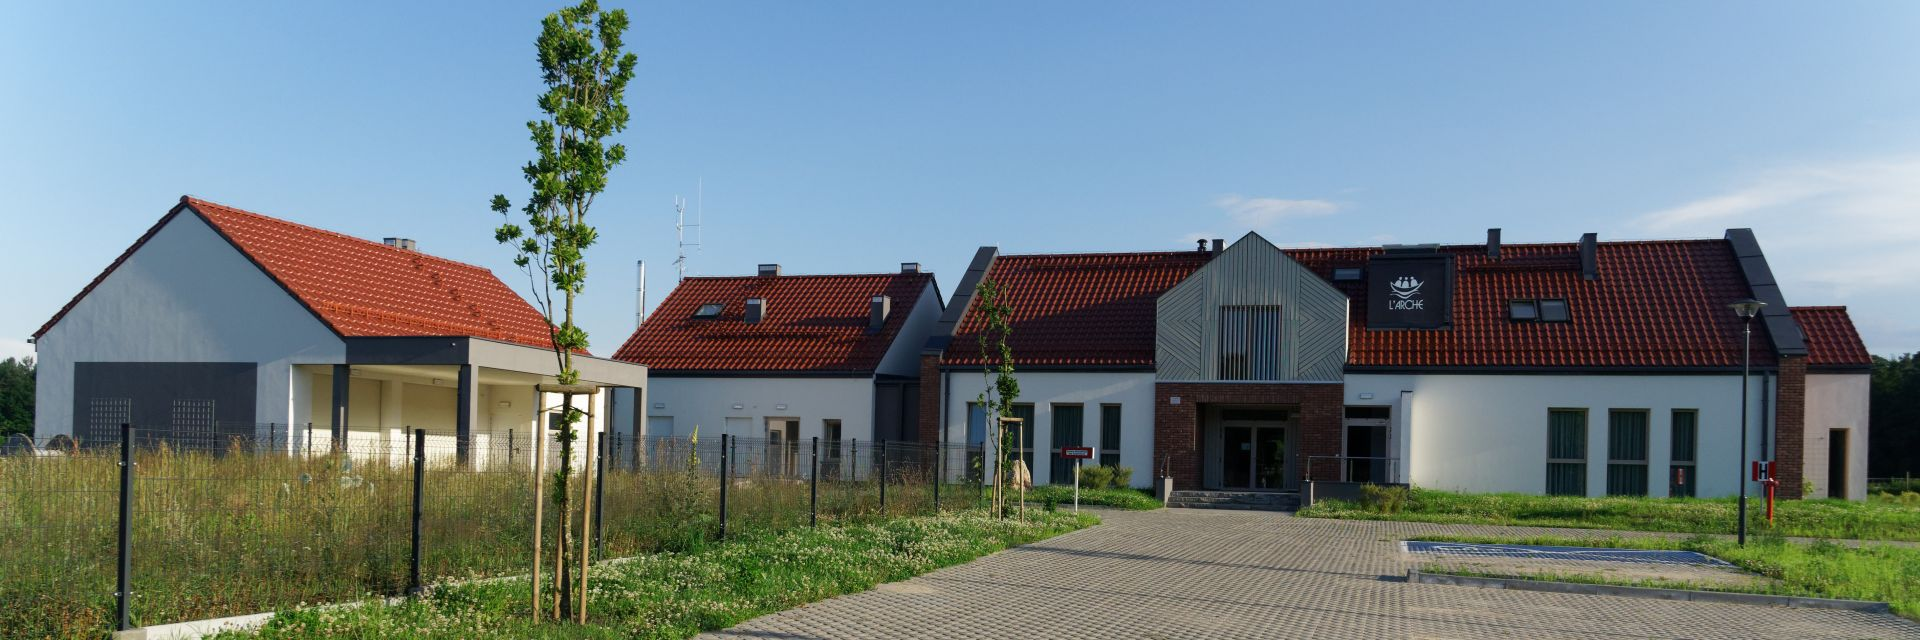 dom L'Arche w Gdyni